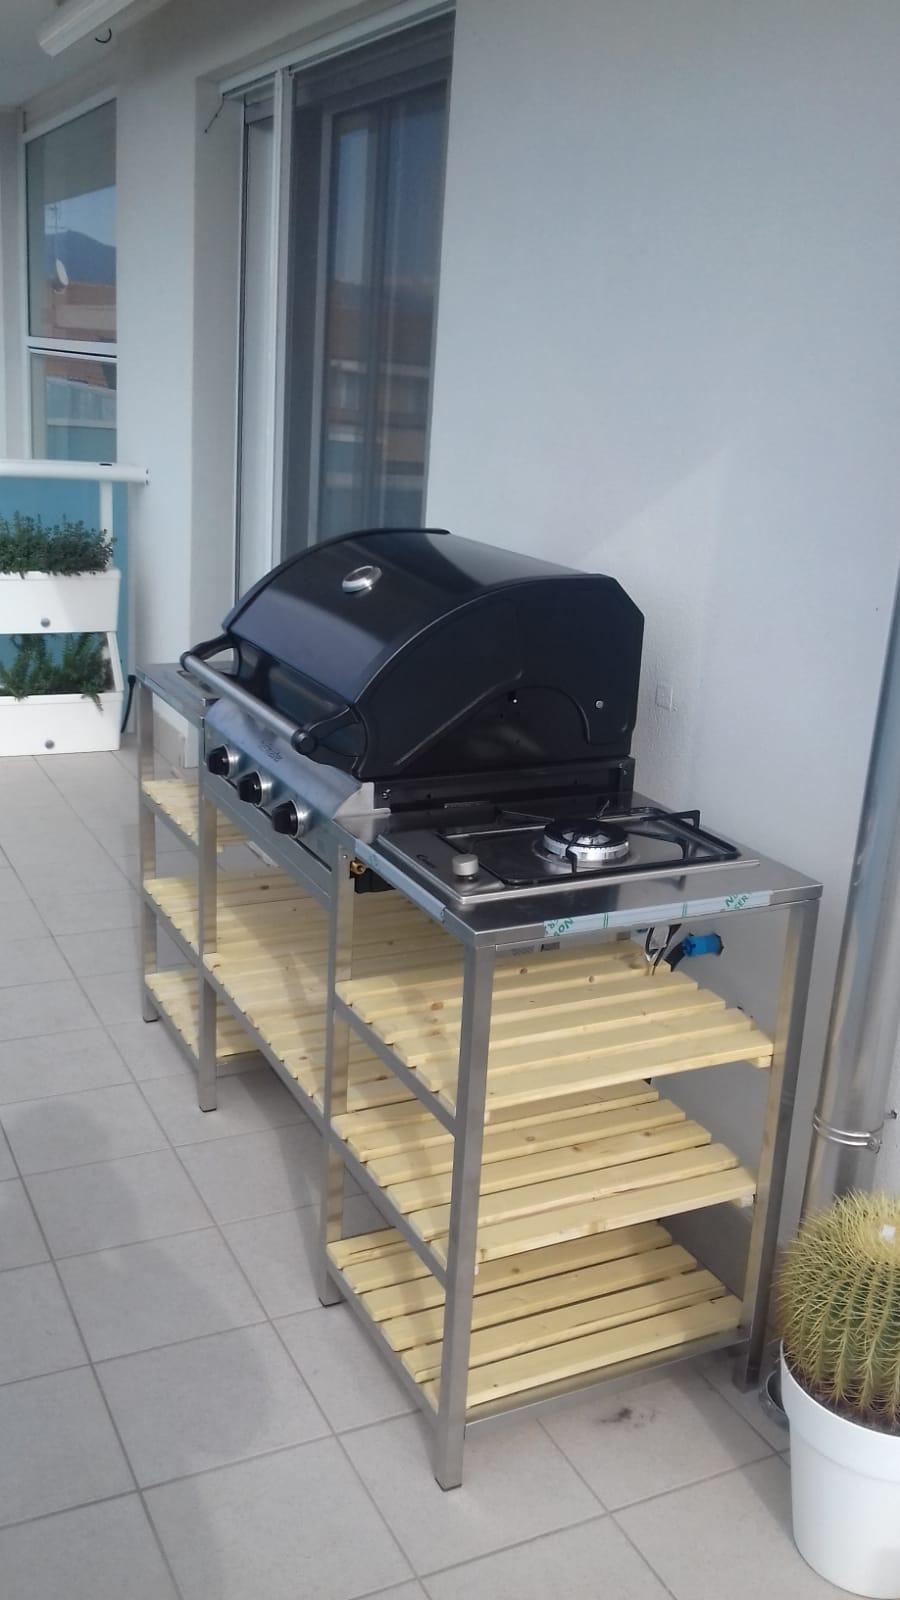 Cucina modulare da esterno con barbecue | La Bottega del Fuoco Ceriale